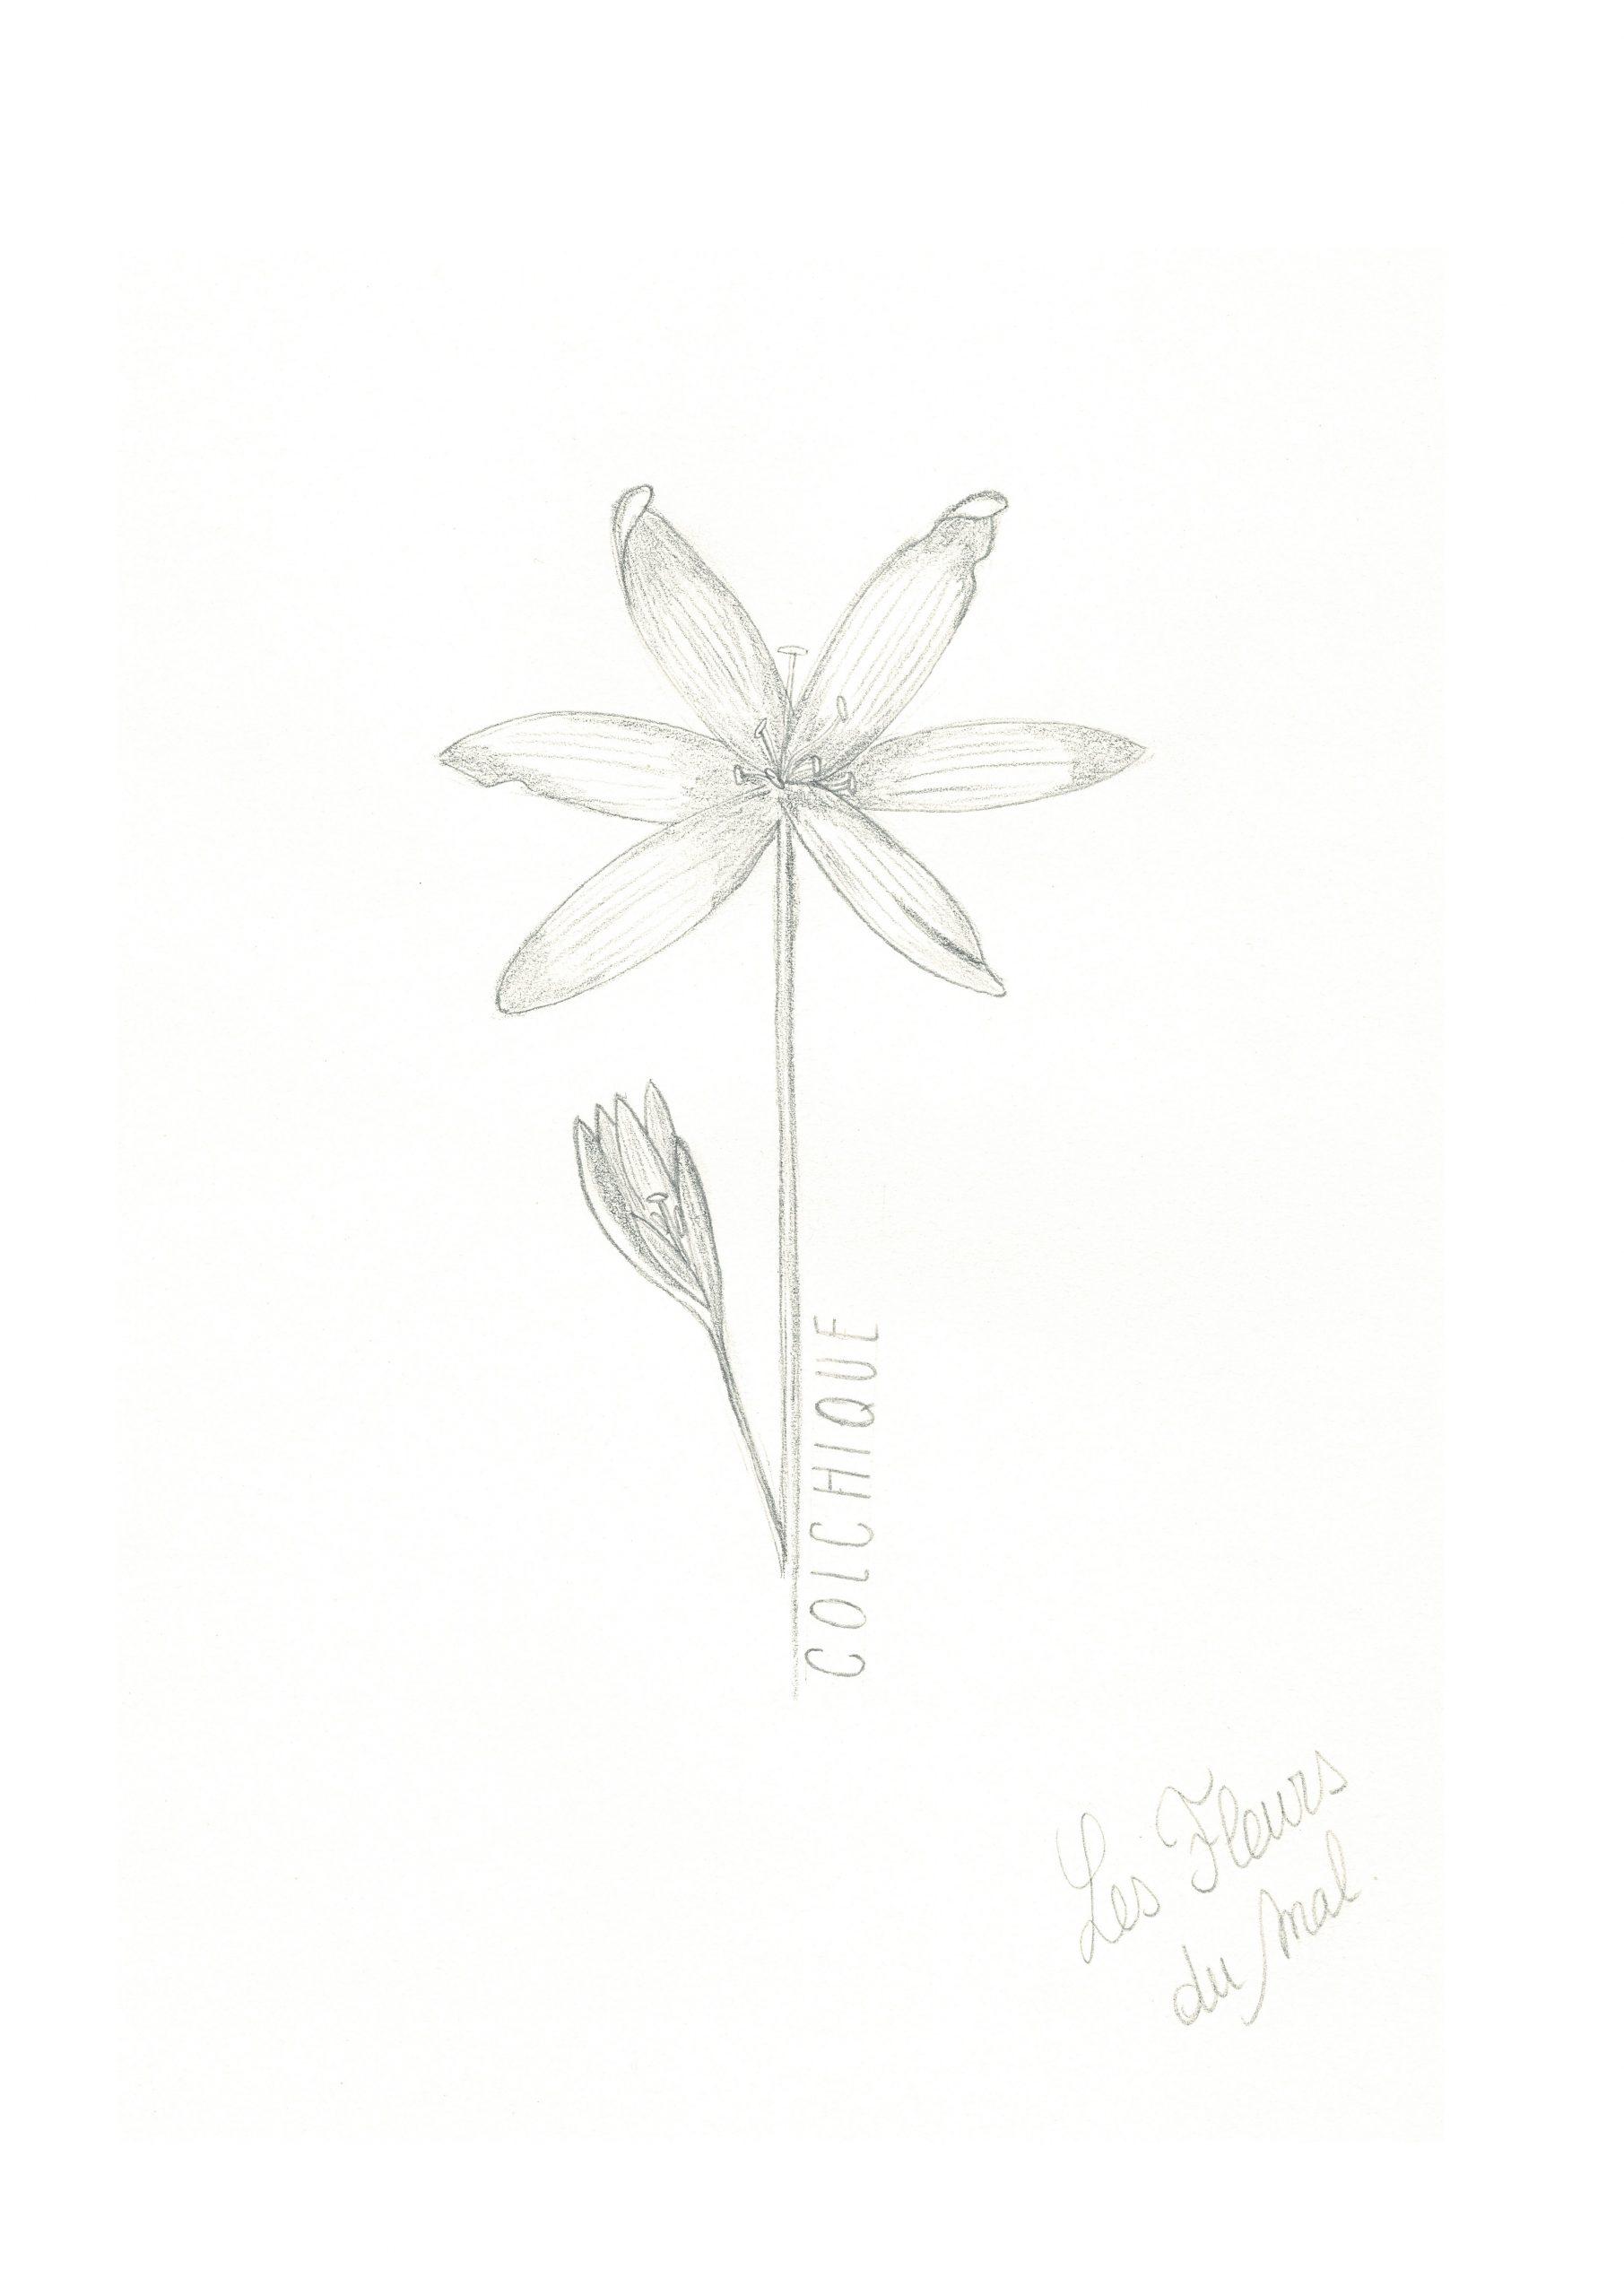 Dessin au crayon fleur colchique